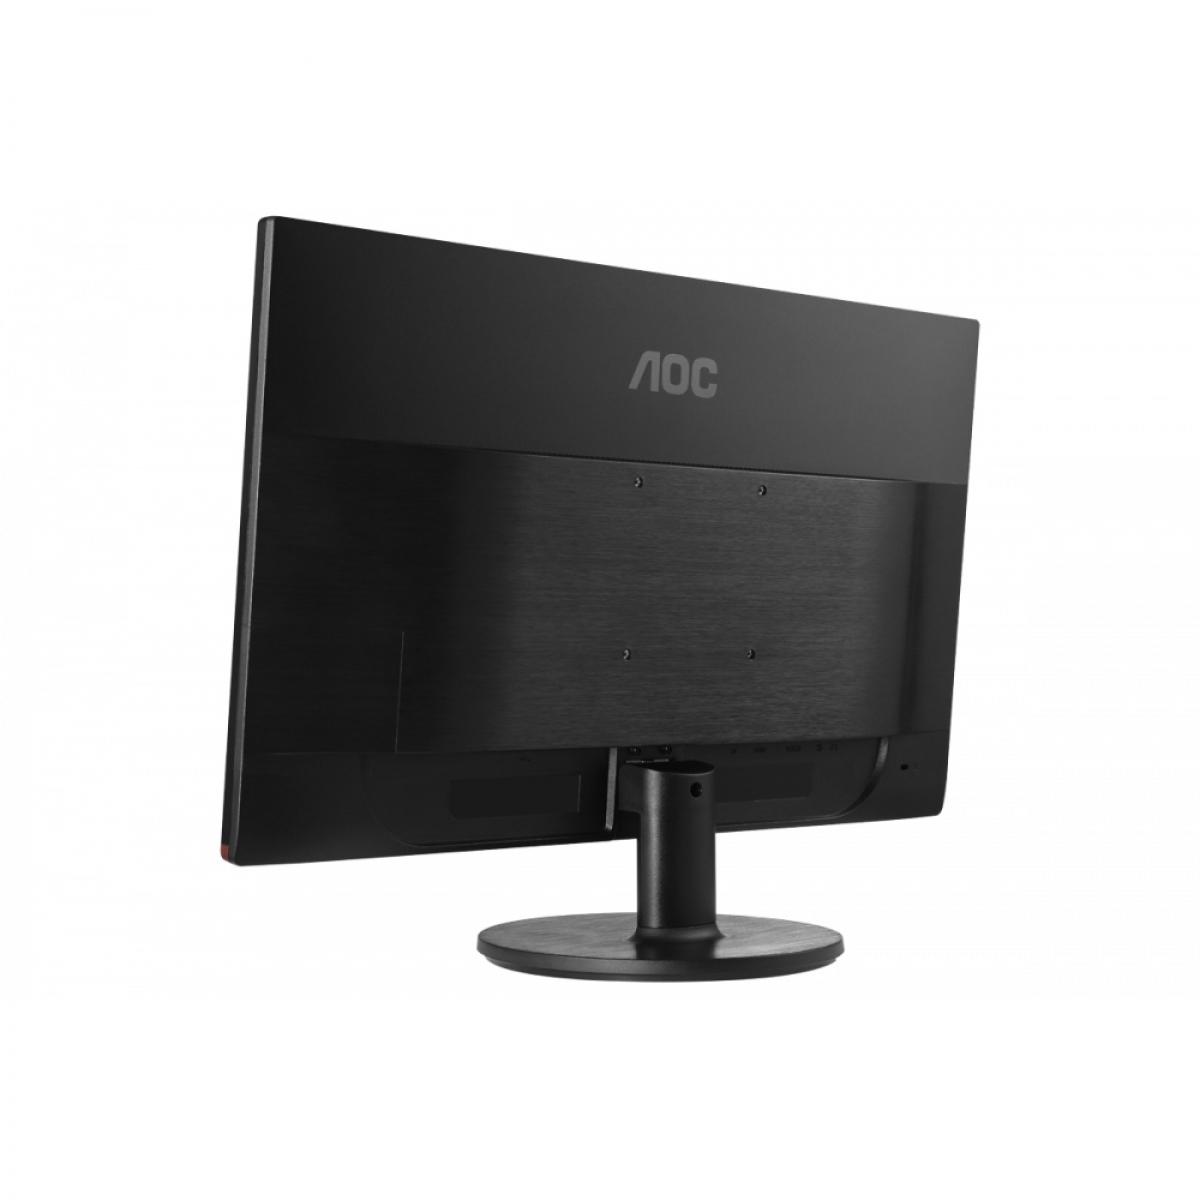 Monitor Gamer AOC 24 Pol, Full HD, 1ms, AMD FreeSync, G2460VQ6